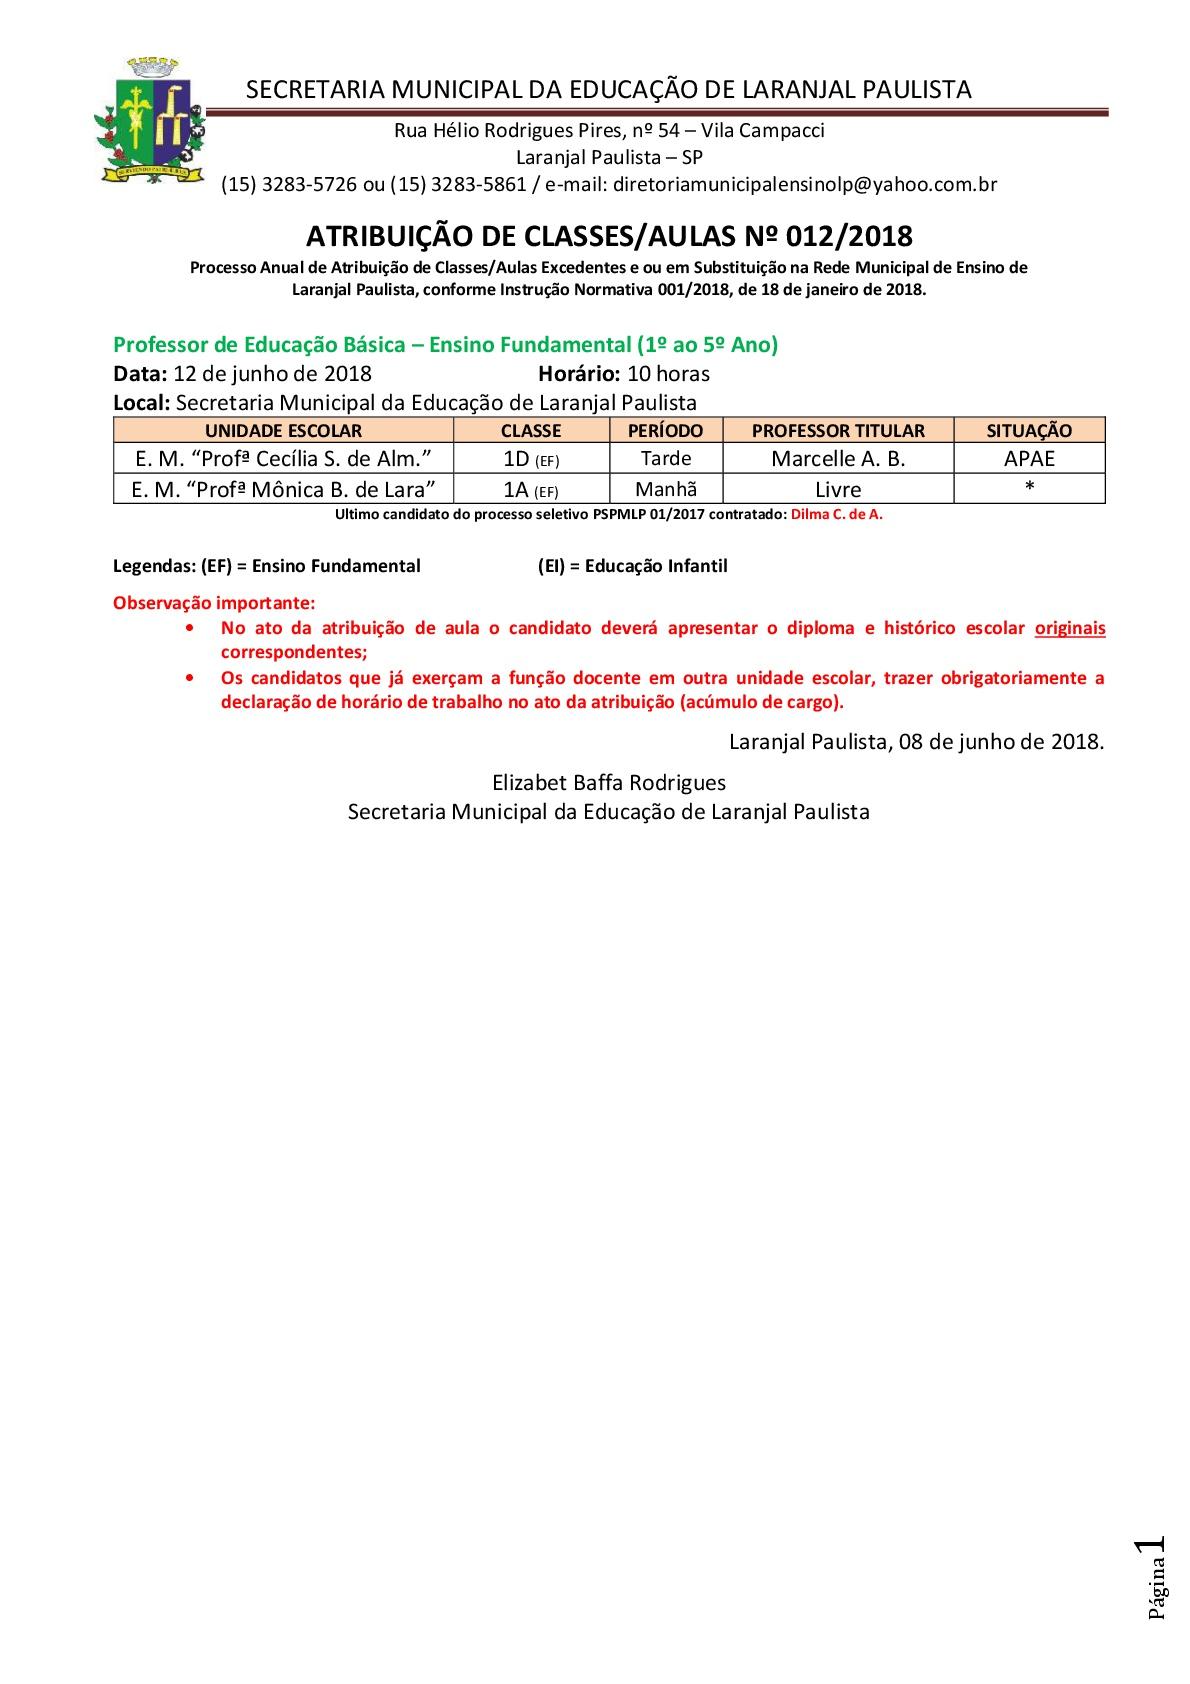 Atribuição de classes e ou aulas excedentes nº 012-2018